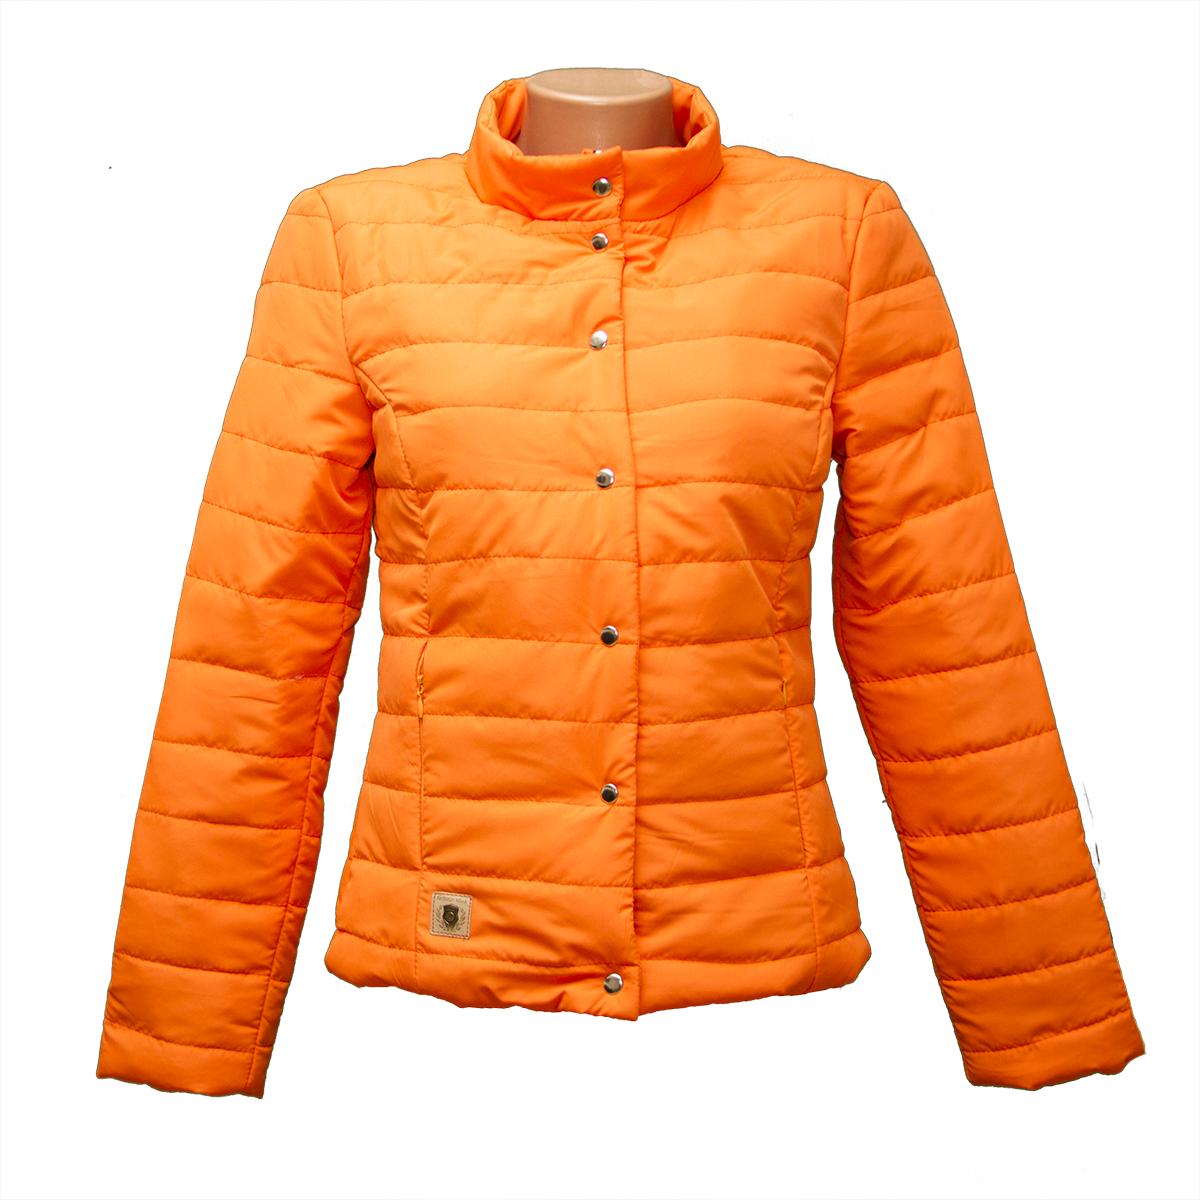 c8139c9d8ae Куртка женская весенняя производства Украина KD1375 оптом и в ...